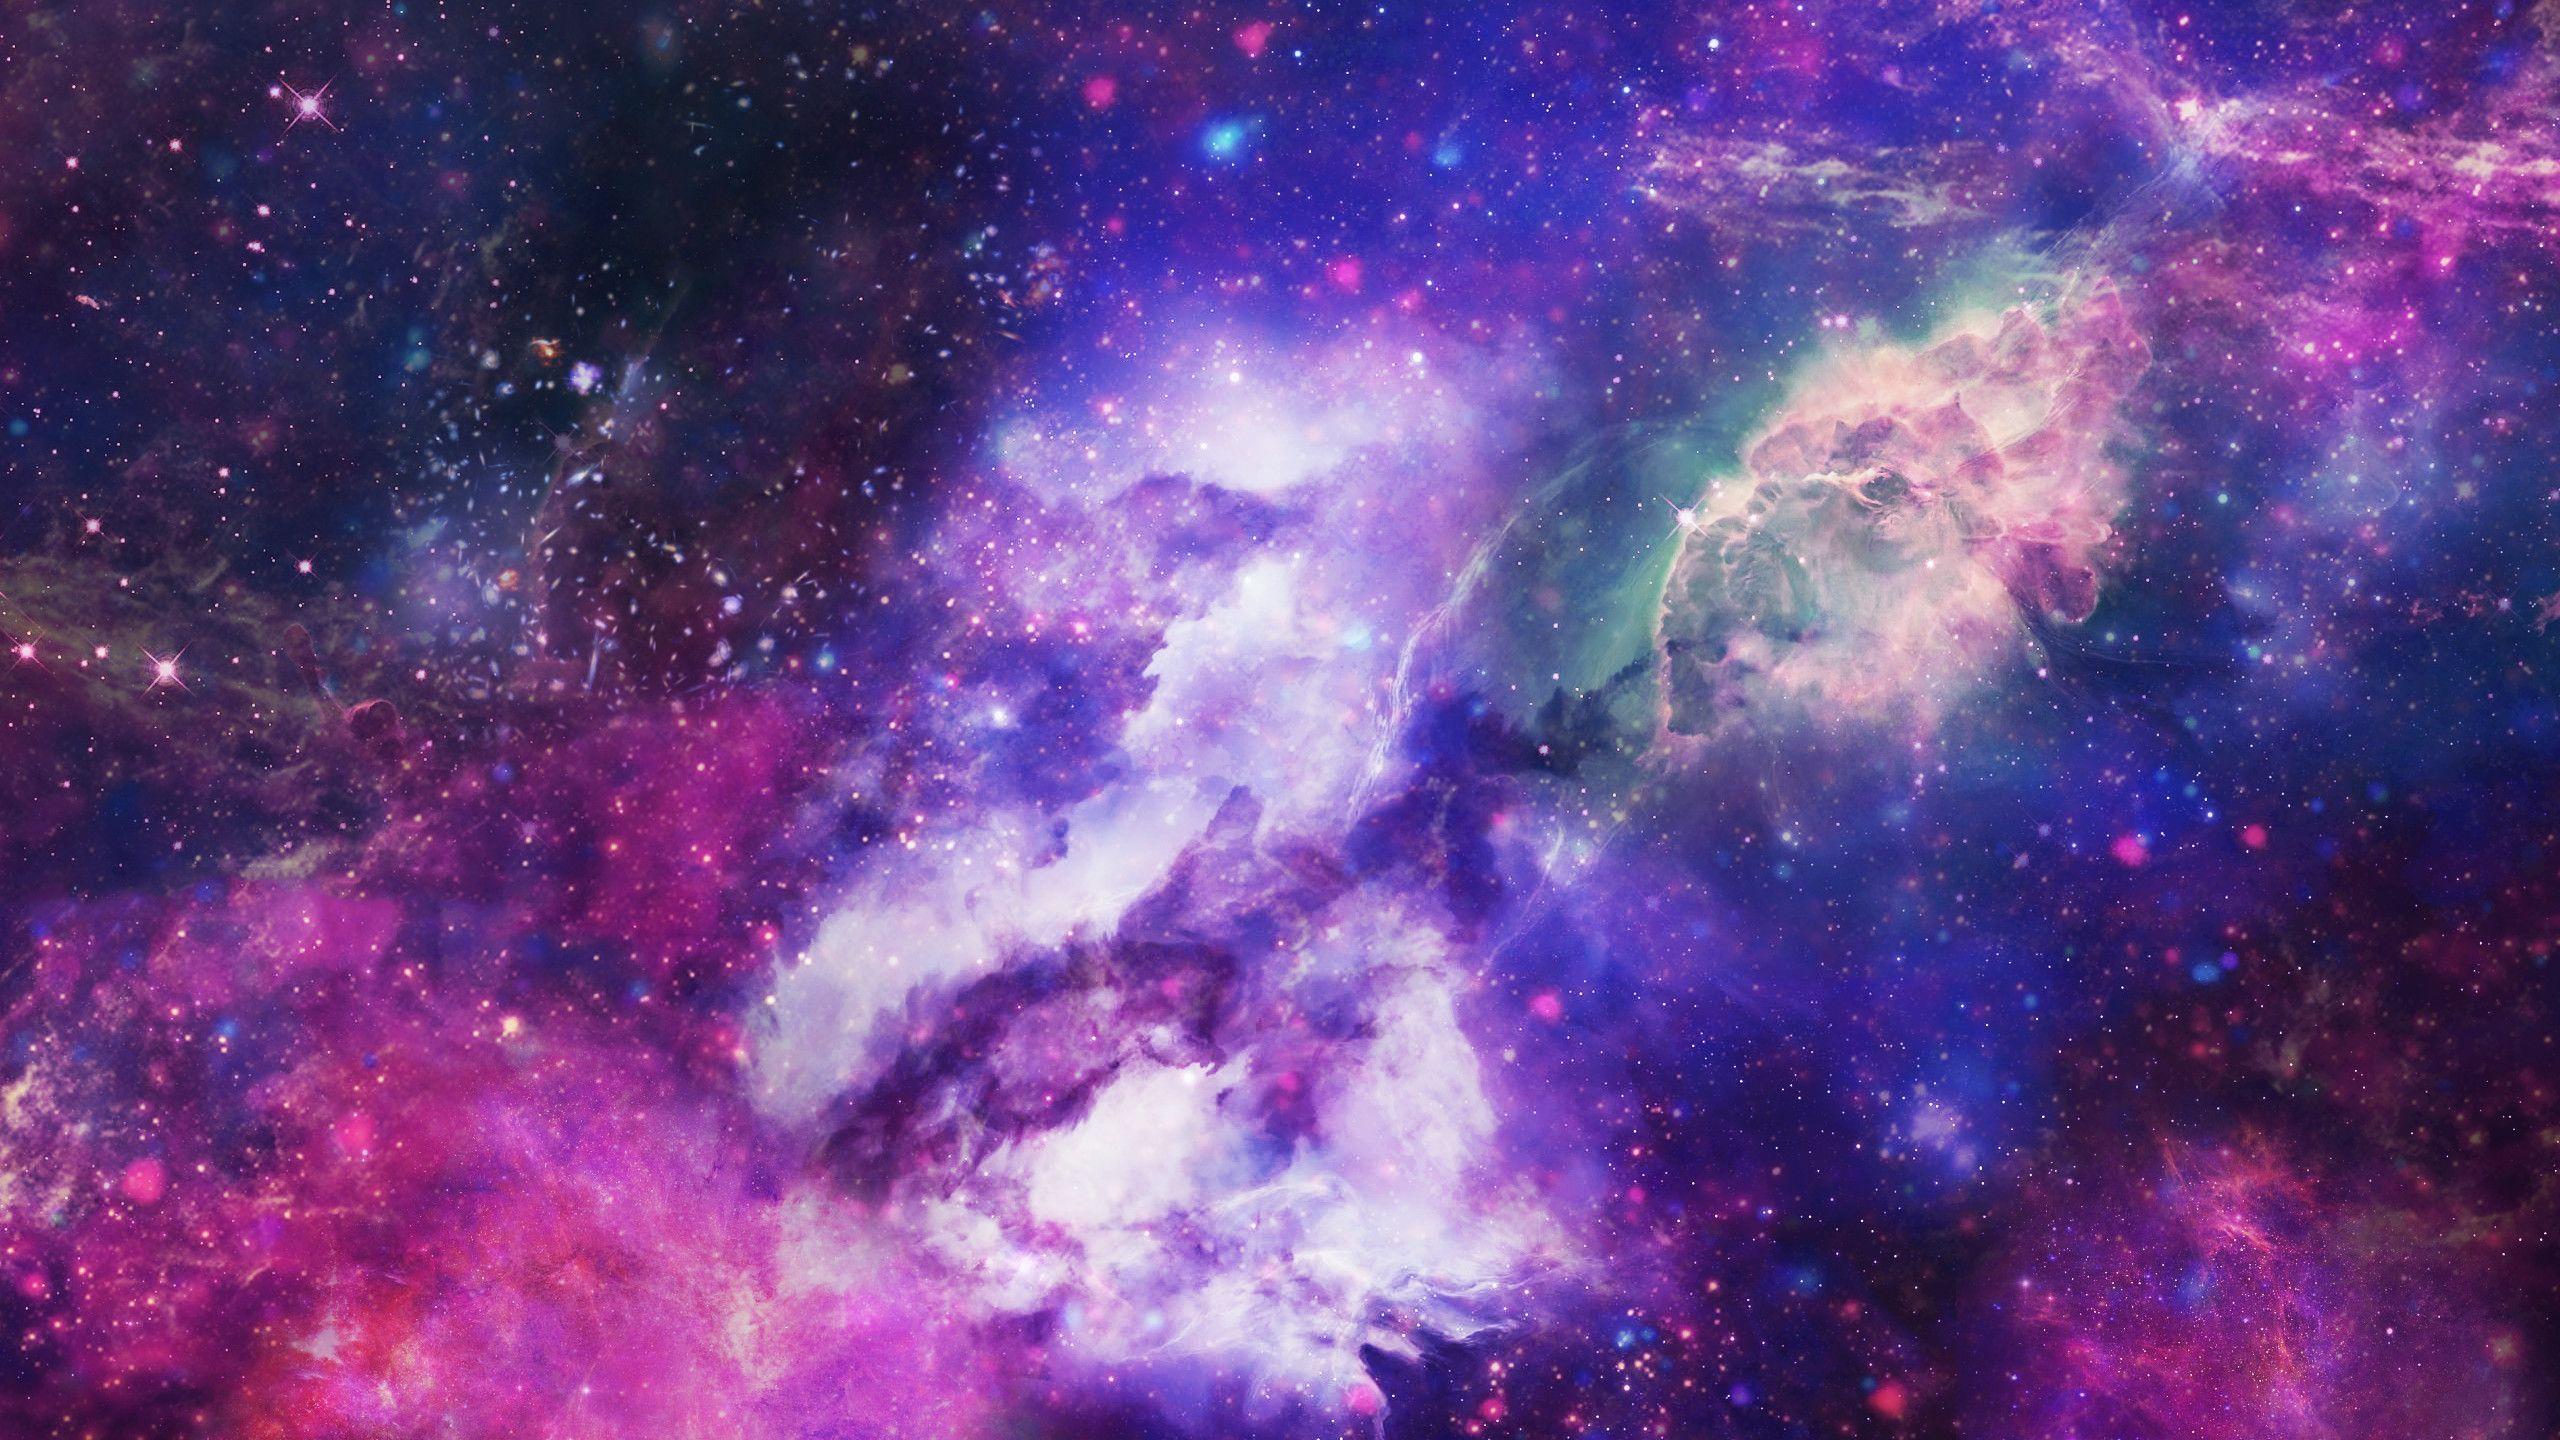 Thiên hà 2560x1440 - Không gian Sao Thiên hà